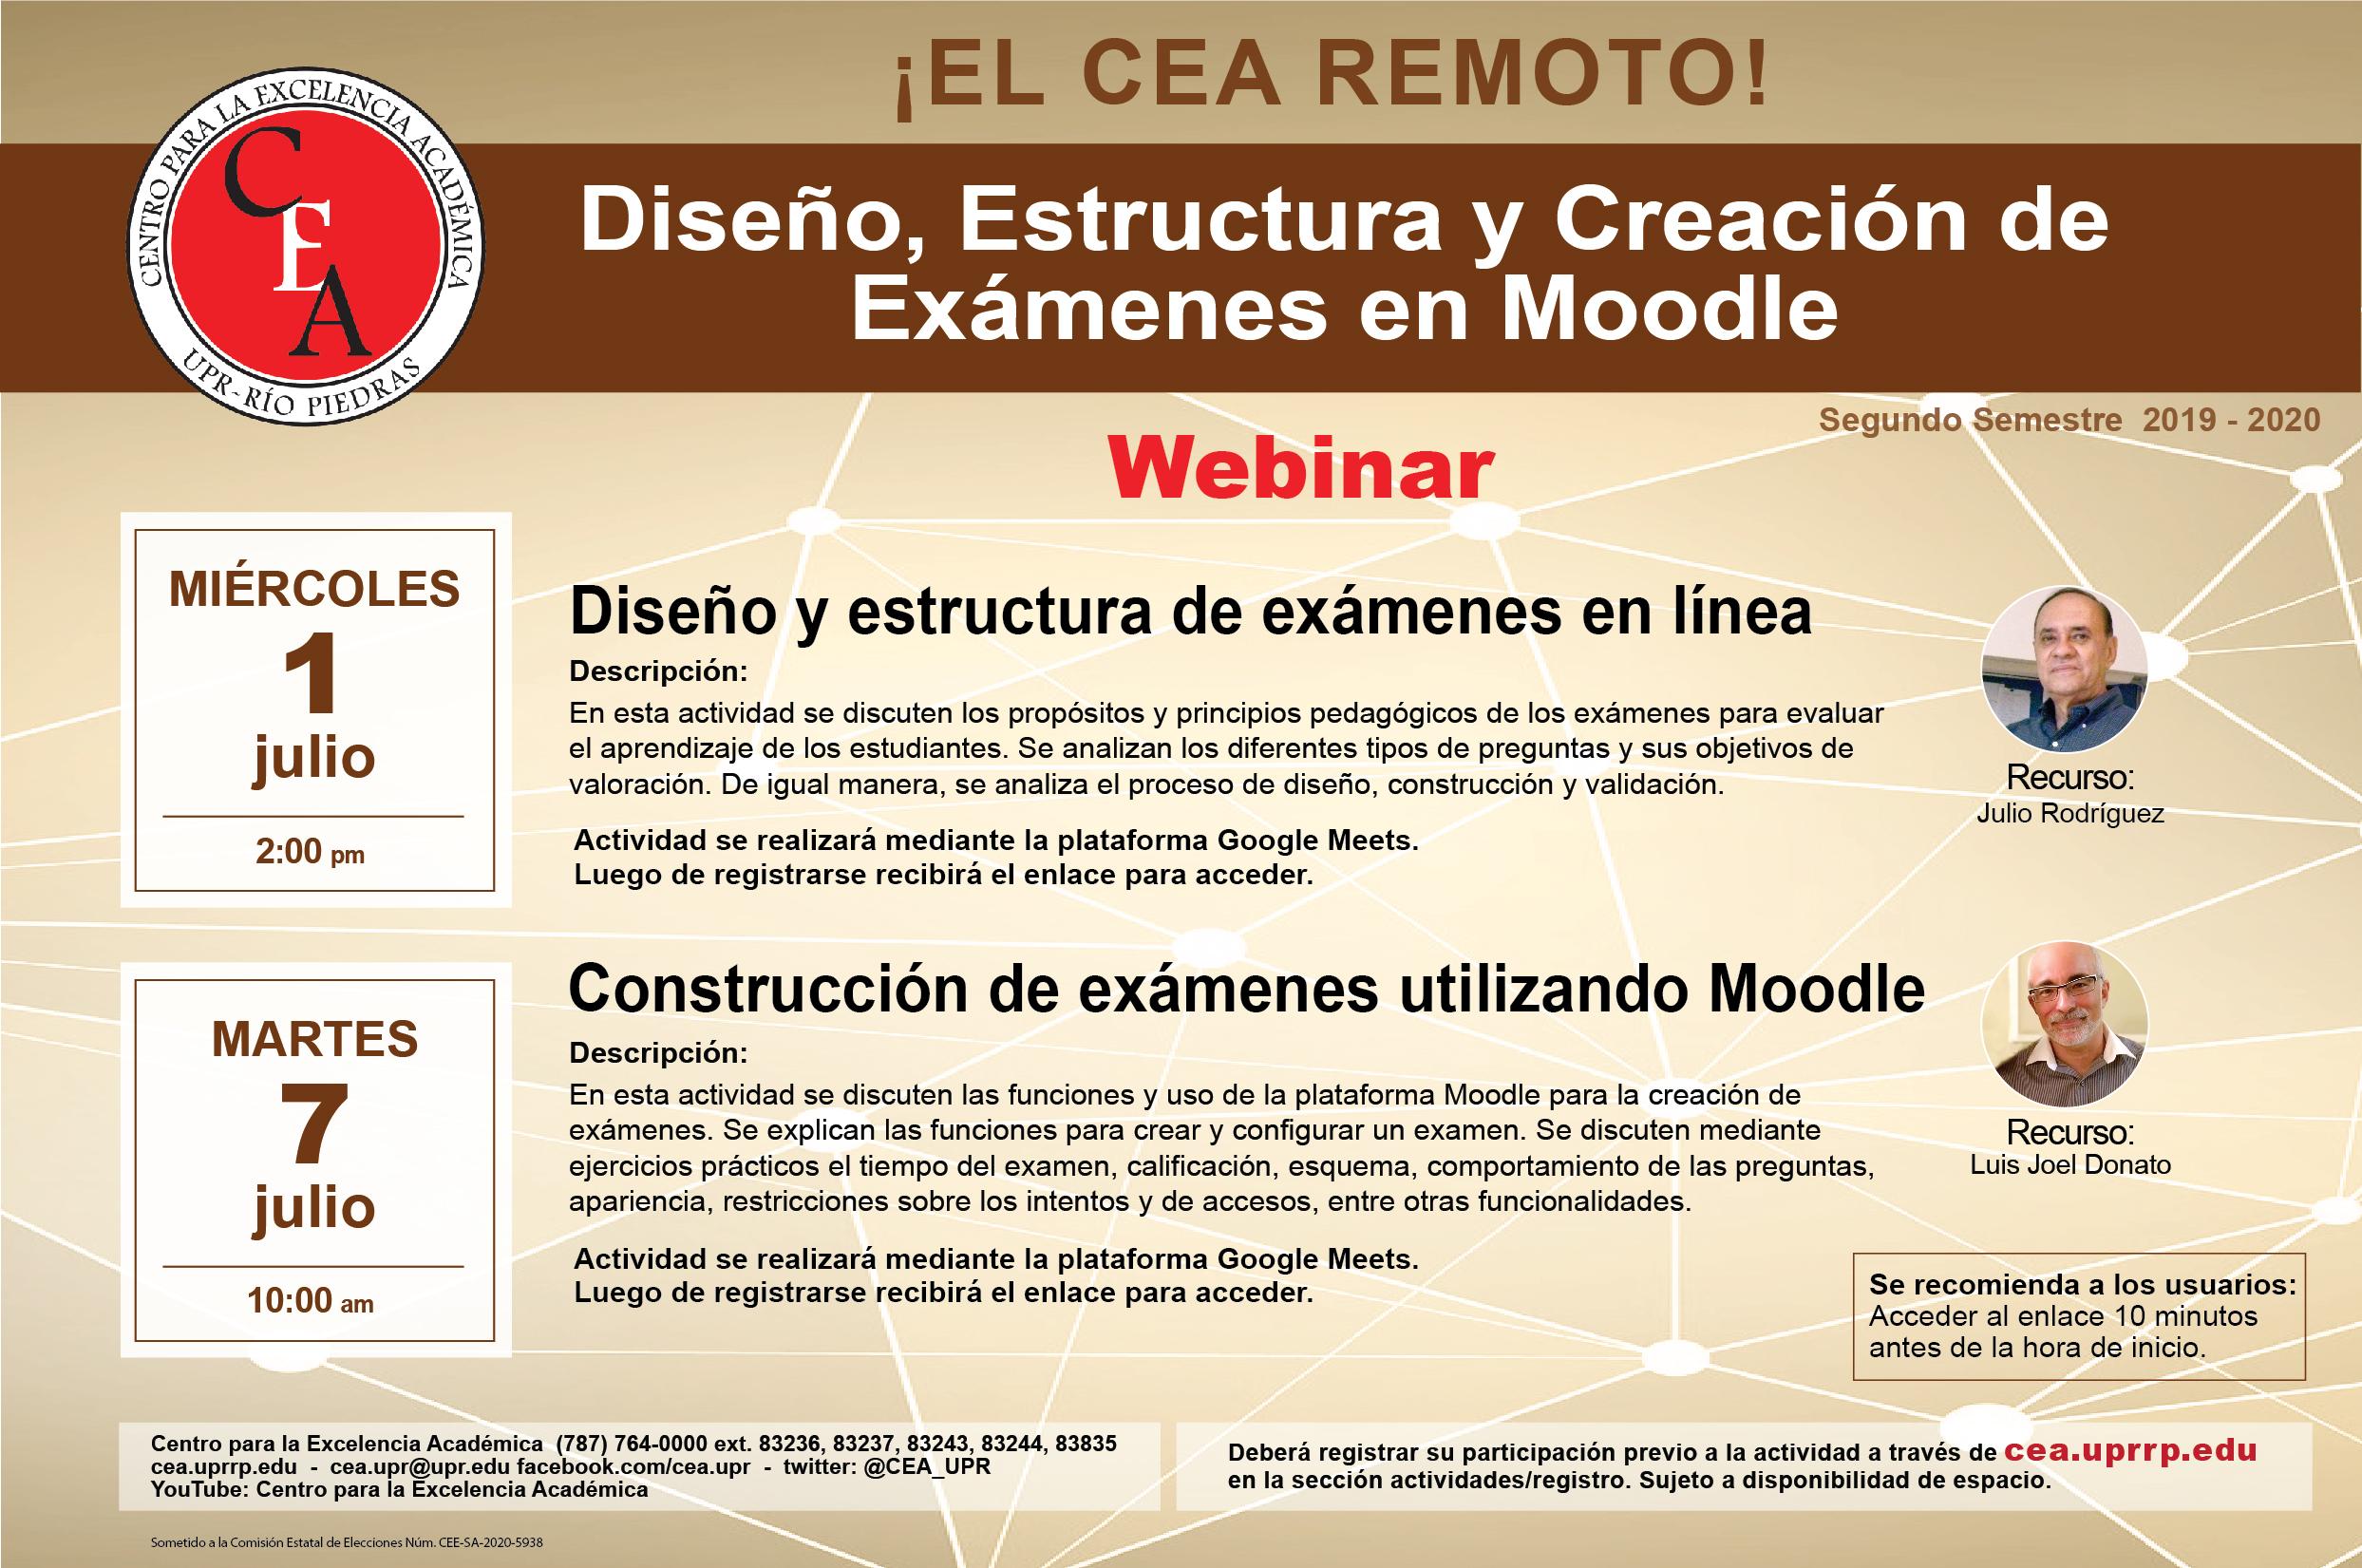 Afiche con la información del taller